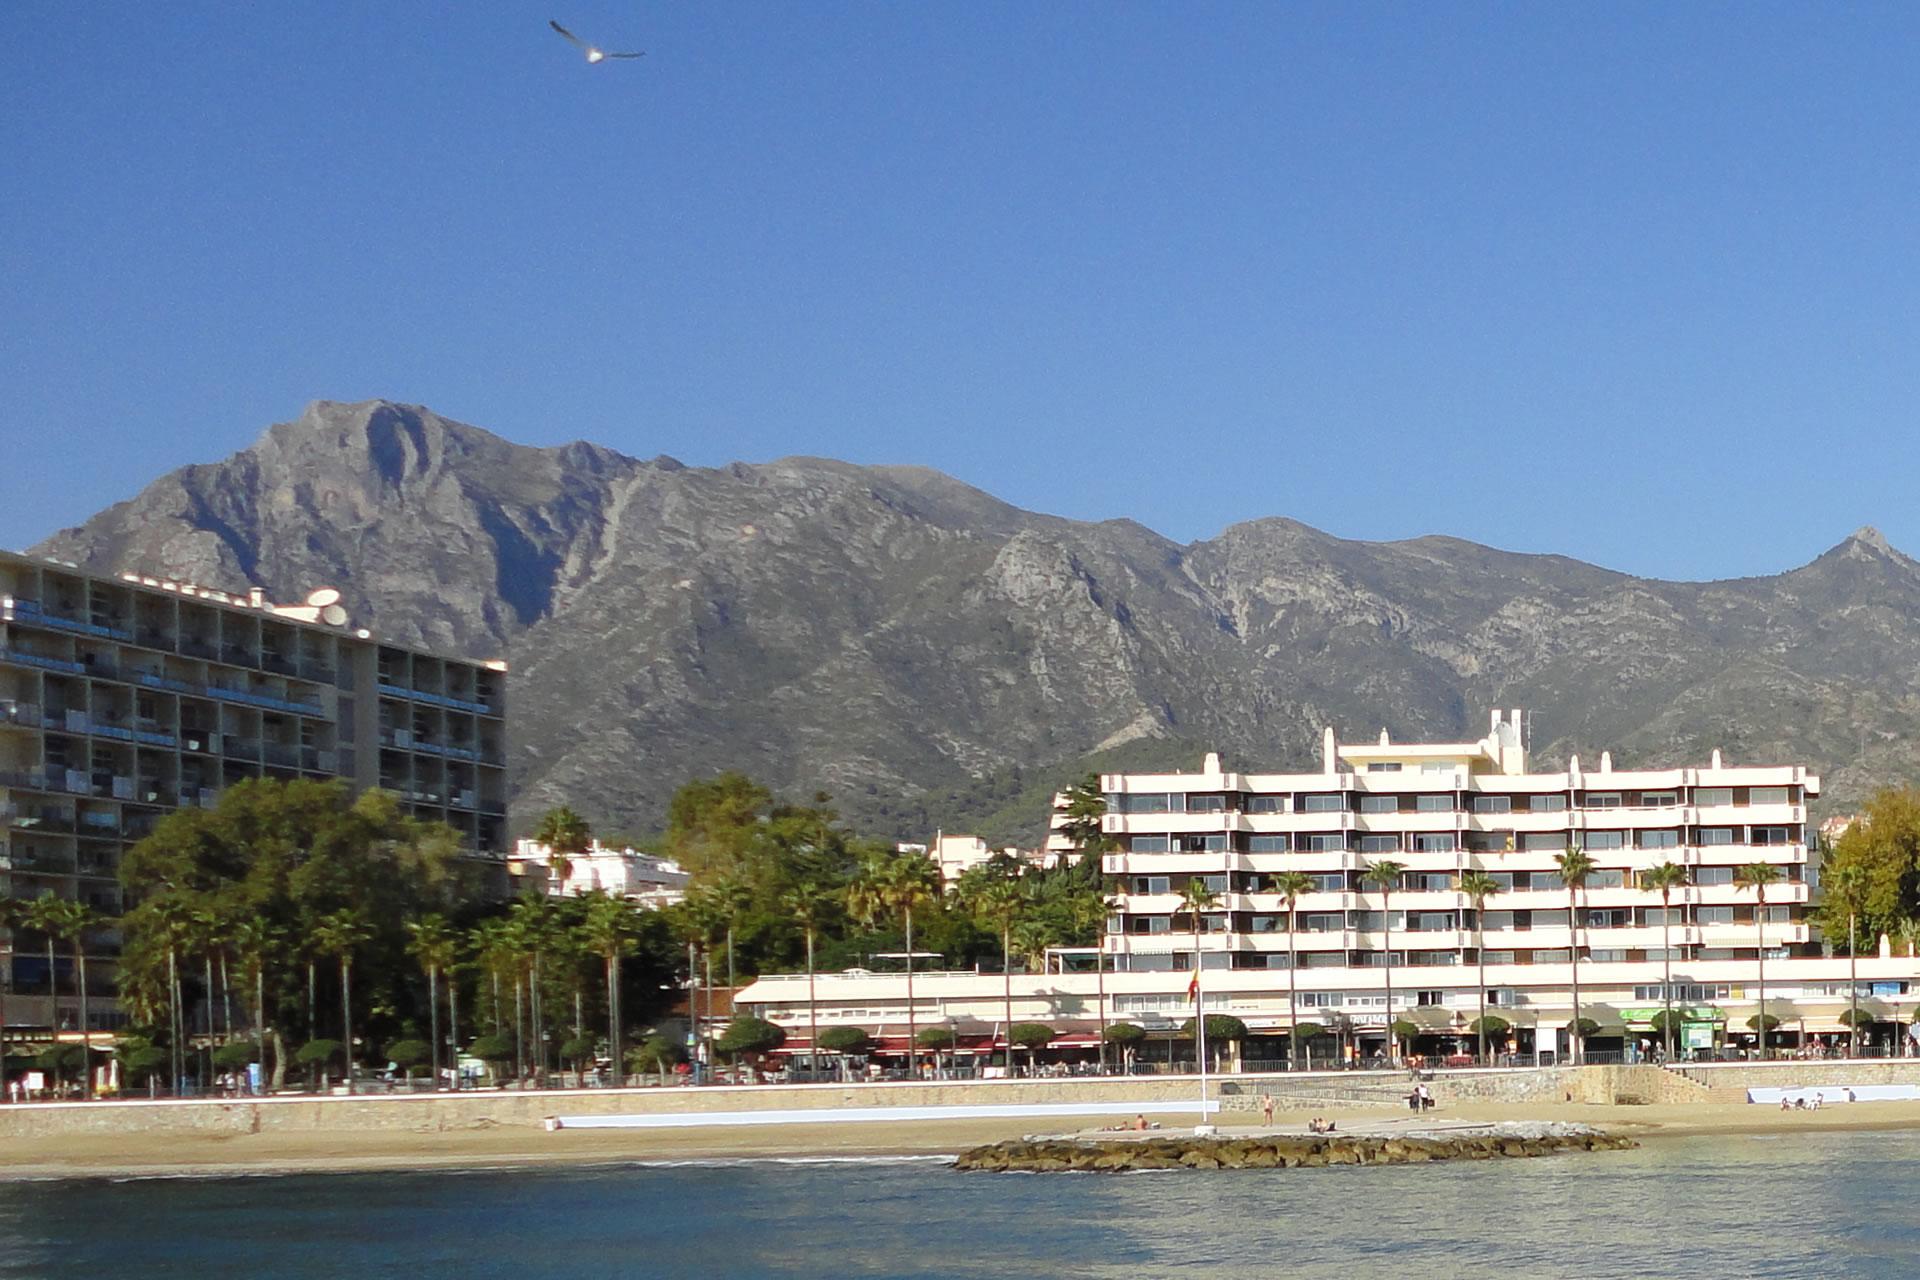 Costa del Sol favourite British tourist destination in Spain